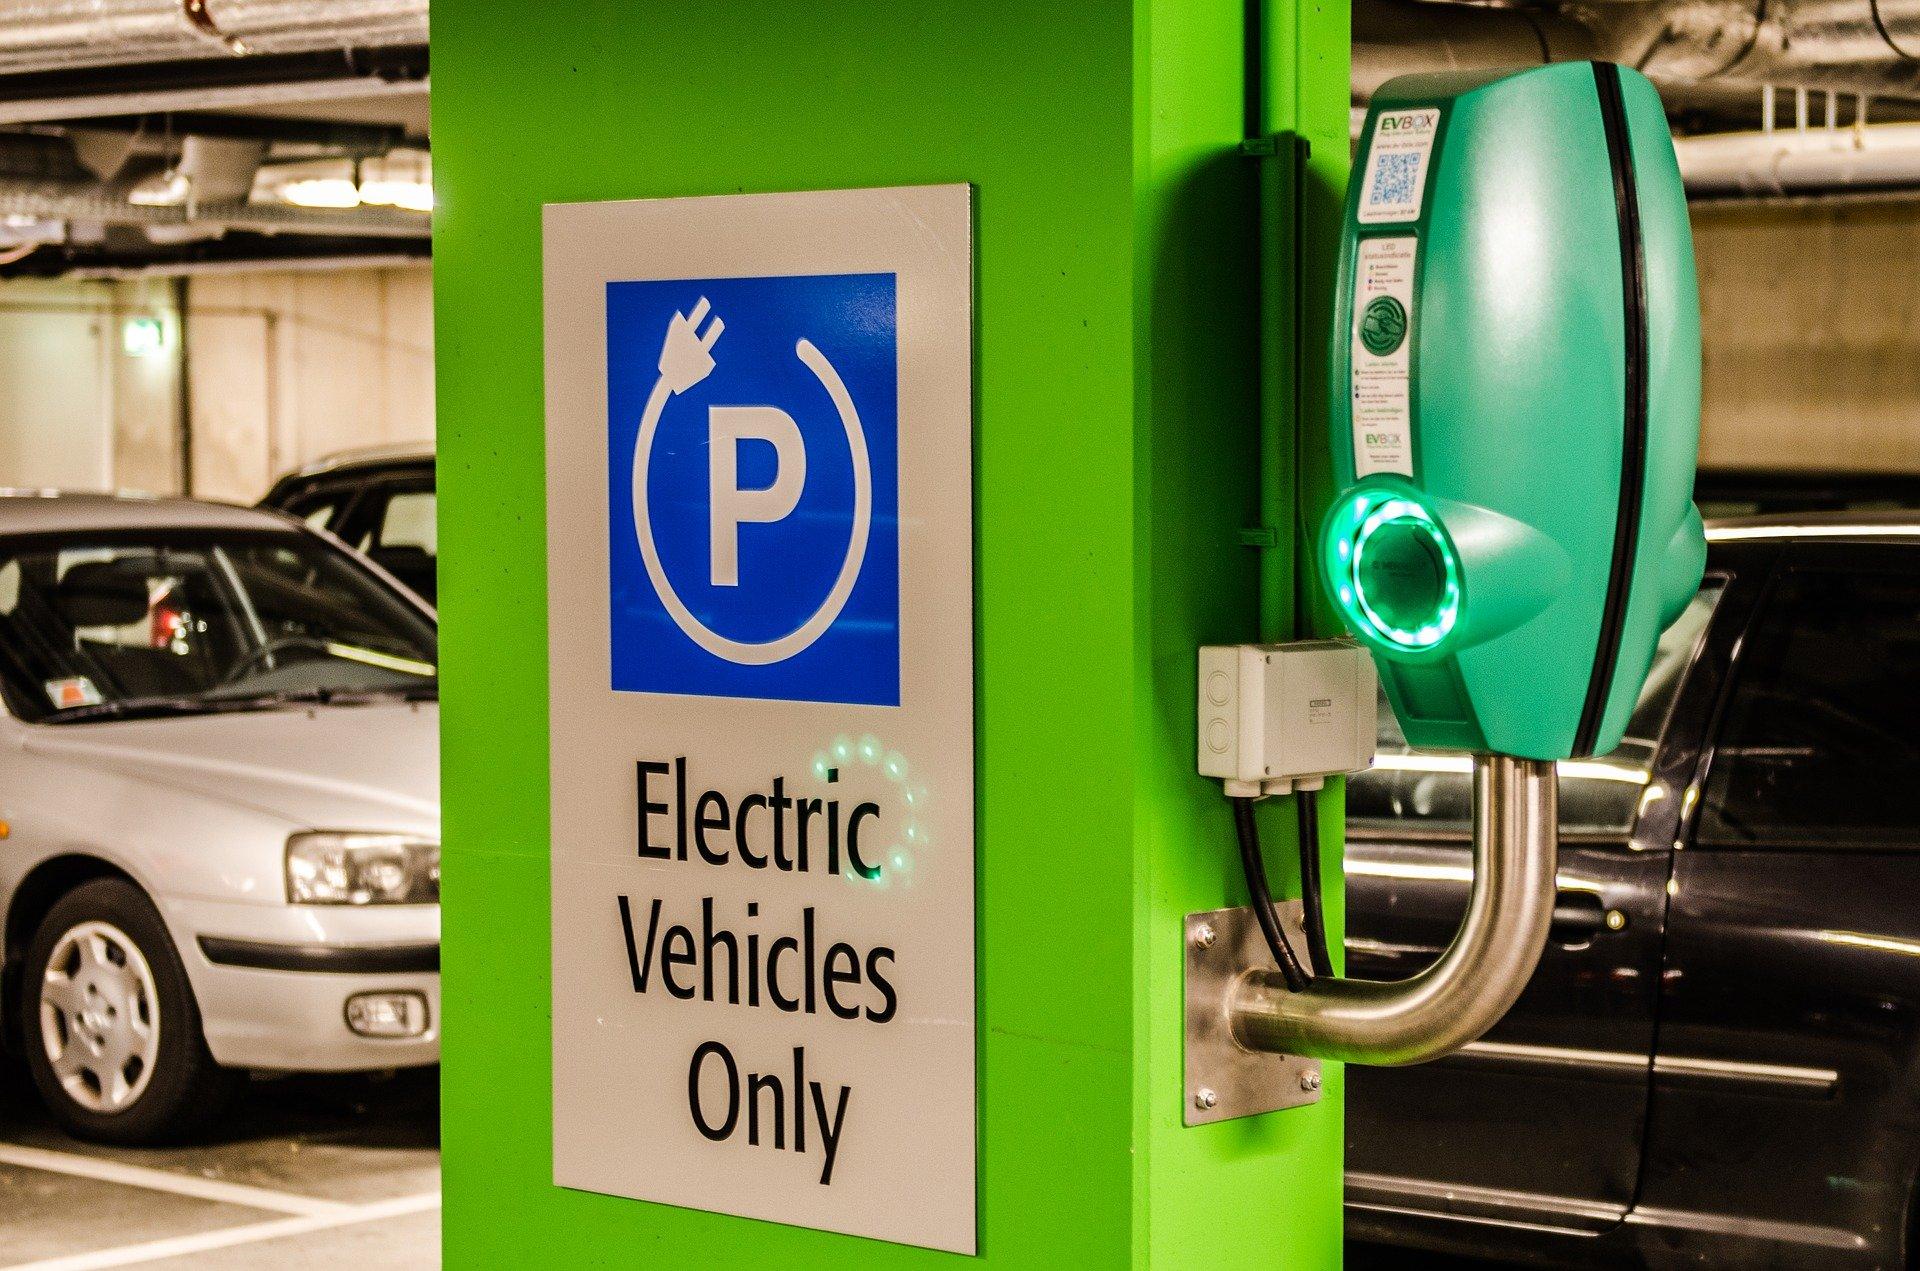 الرئيس السيسي يبحث استراتيجية توطين صناعة المركبات الكهربائية